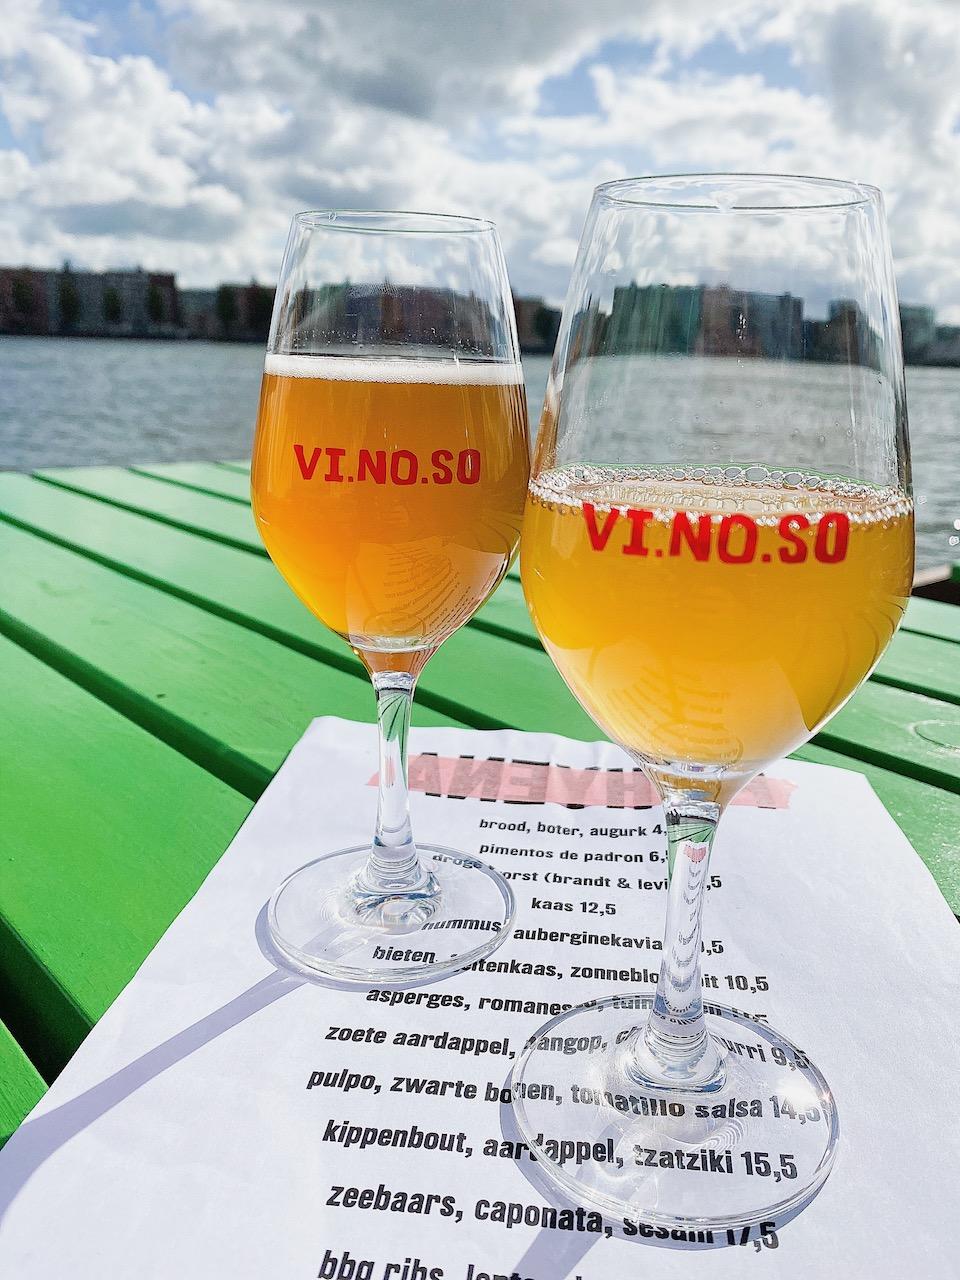 natuurwijnen drinken in Amsterdam - hotspots in Amsterdam Noord